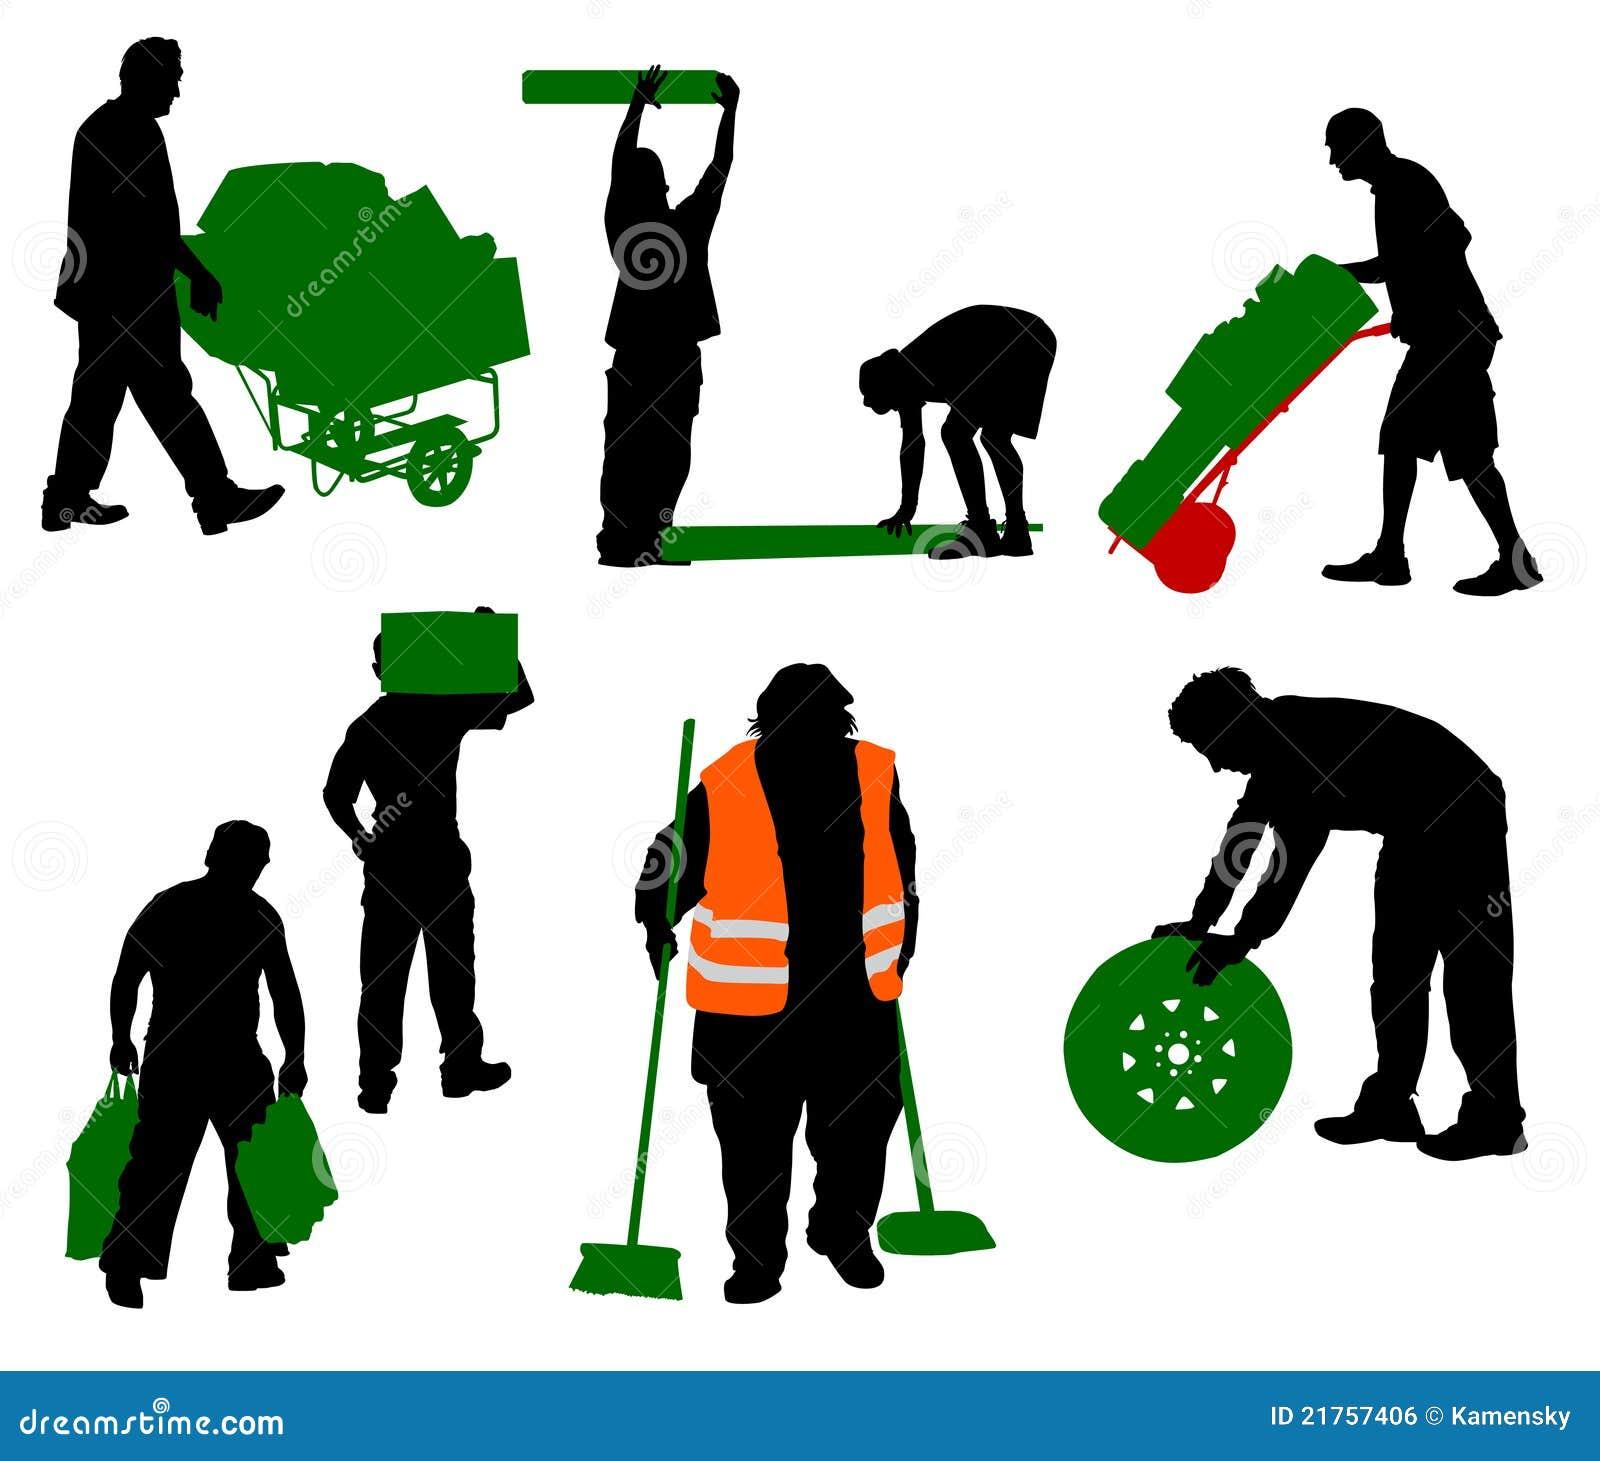 Afbeeldingsresultaat voor fotos werkende mensen